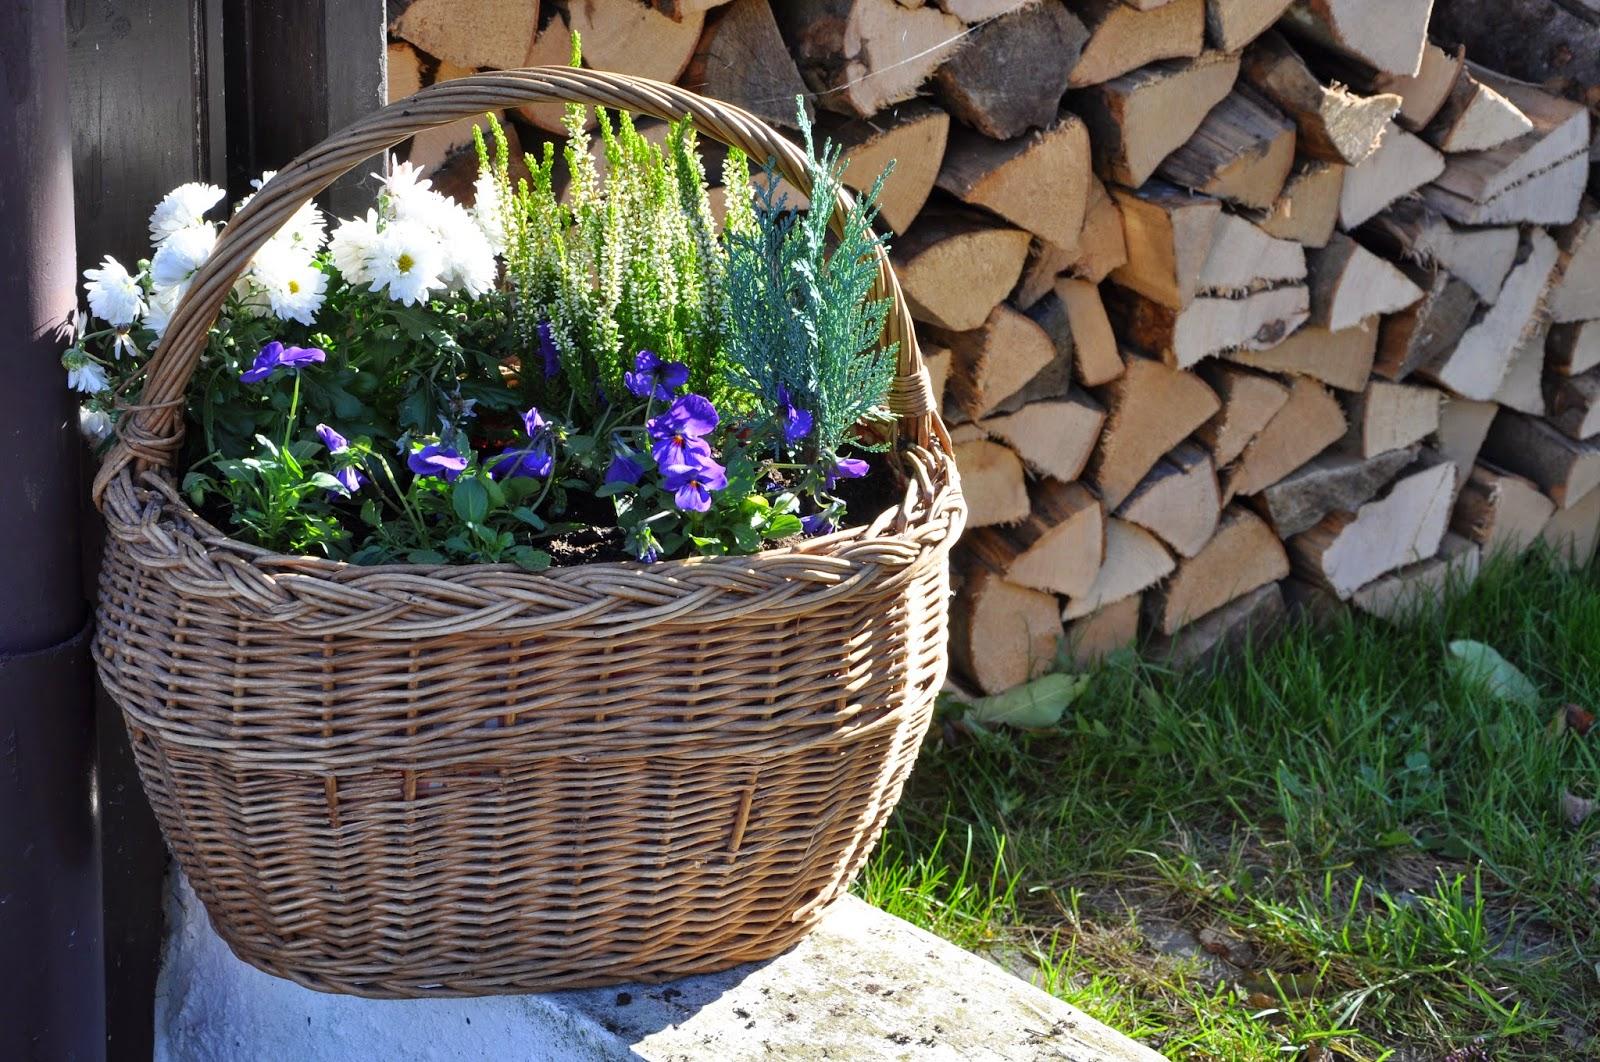 Herbst-Deko | Bepflanzter Einkaufskorb